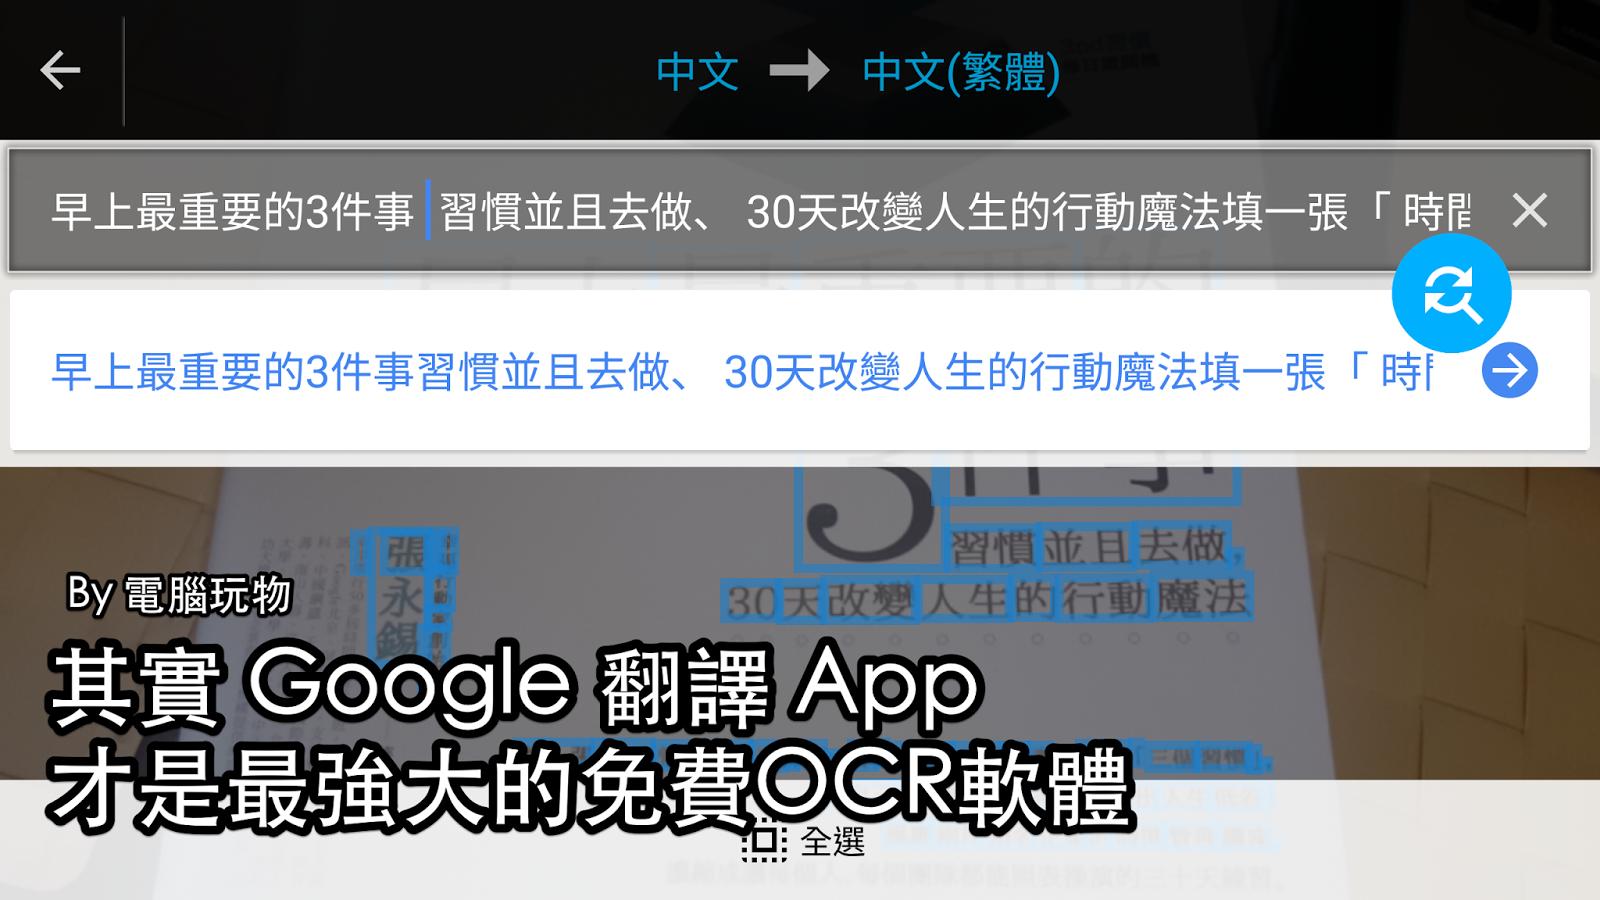 大絕招!用 Google 翻譯 App 複製書籍講義紙上文字